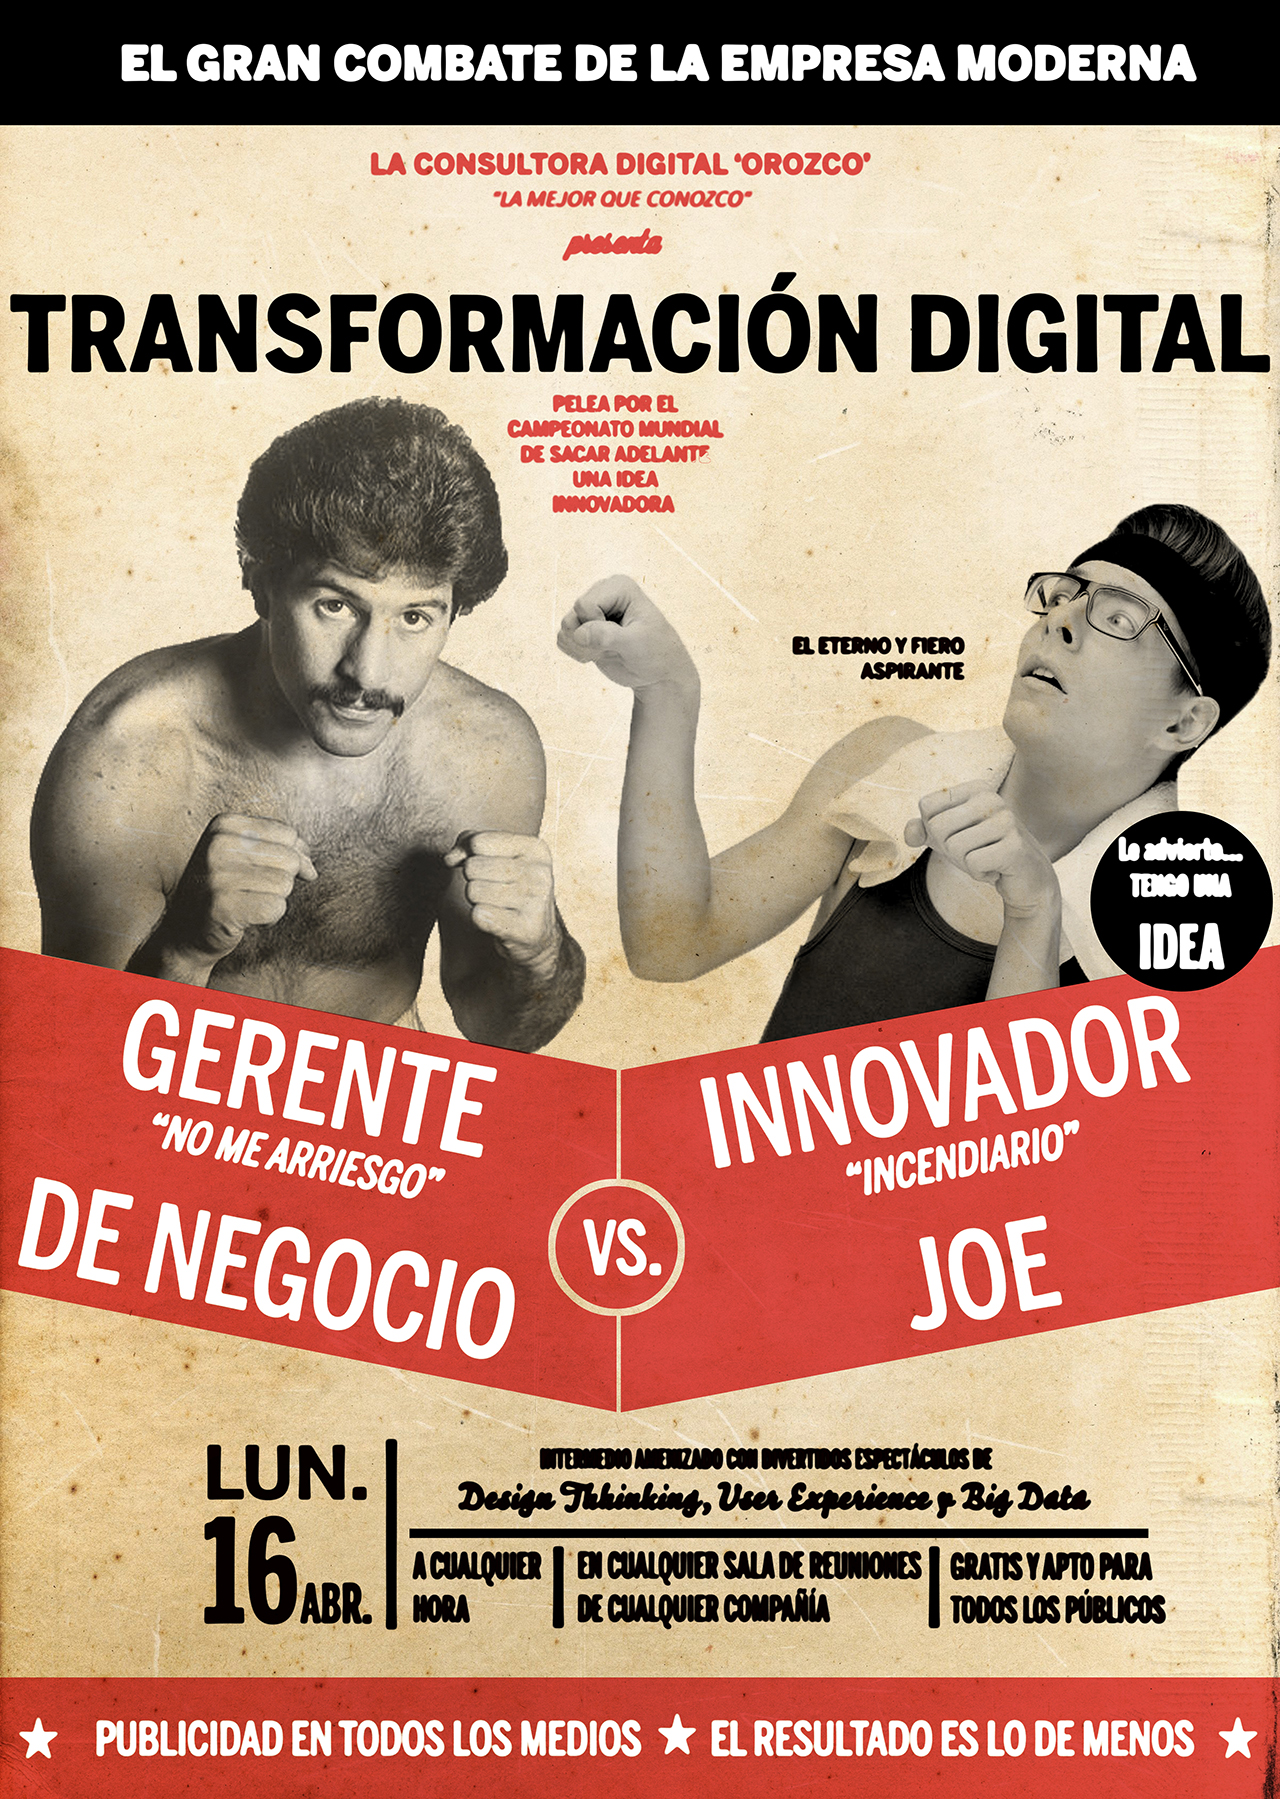 Transformación digital e innovación: una pelea perdida